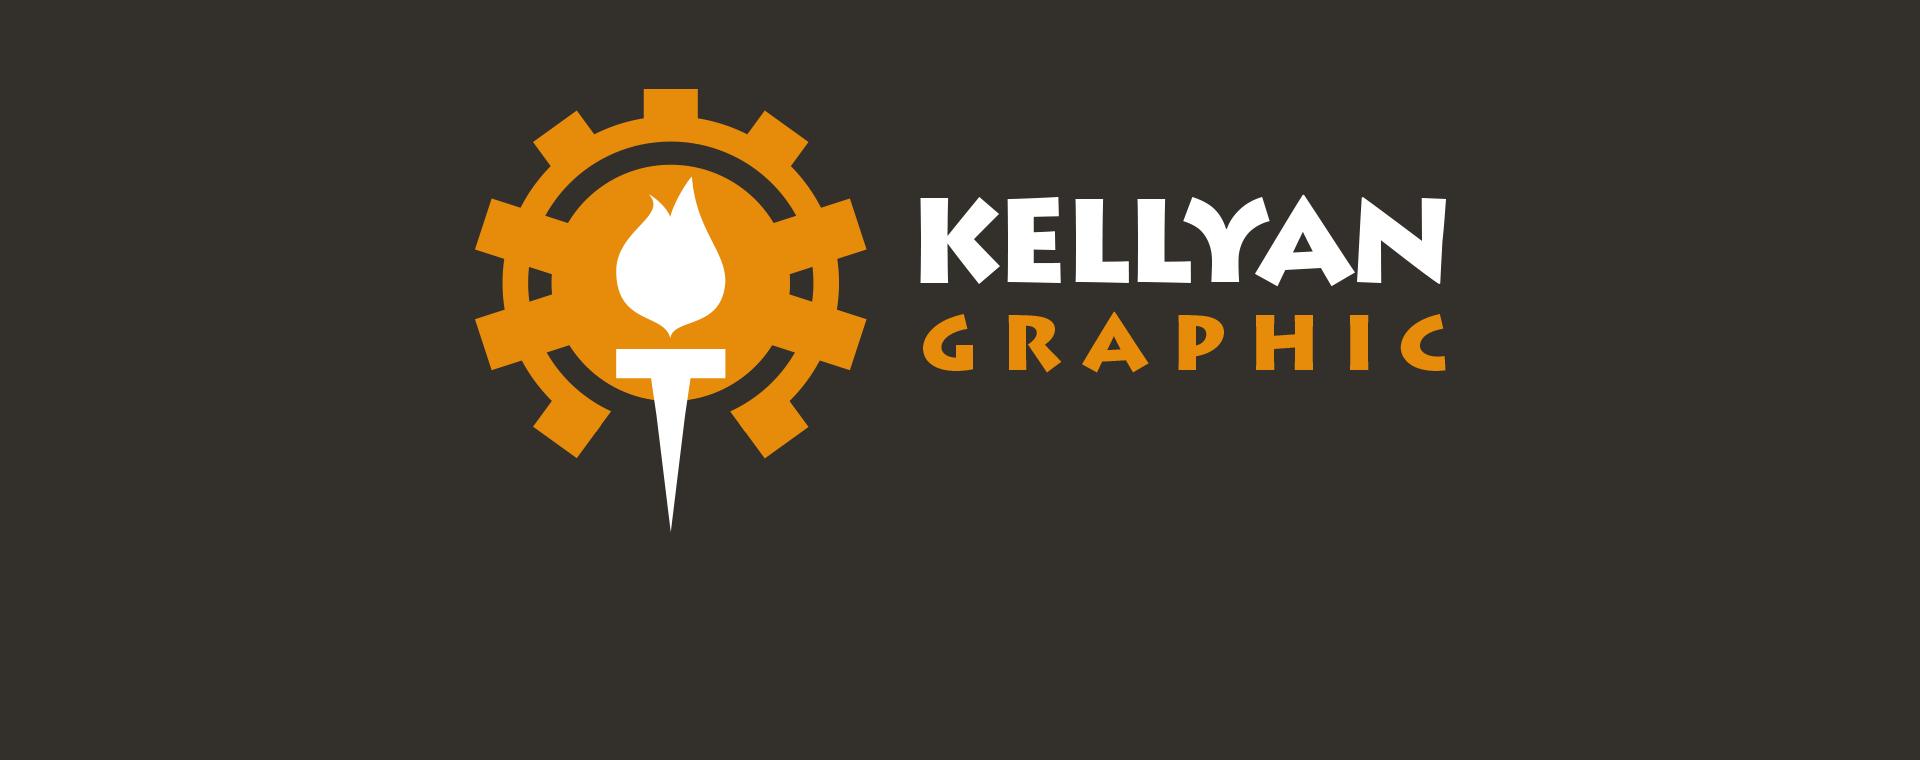 Bandeau Kellyan Graphic Logo